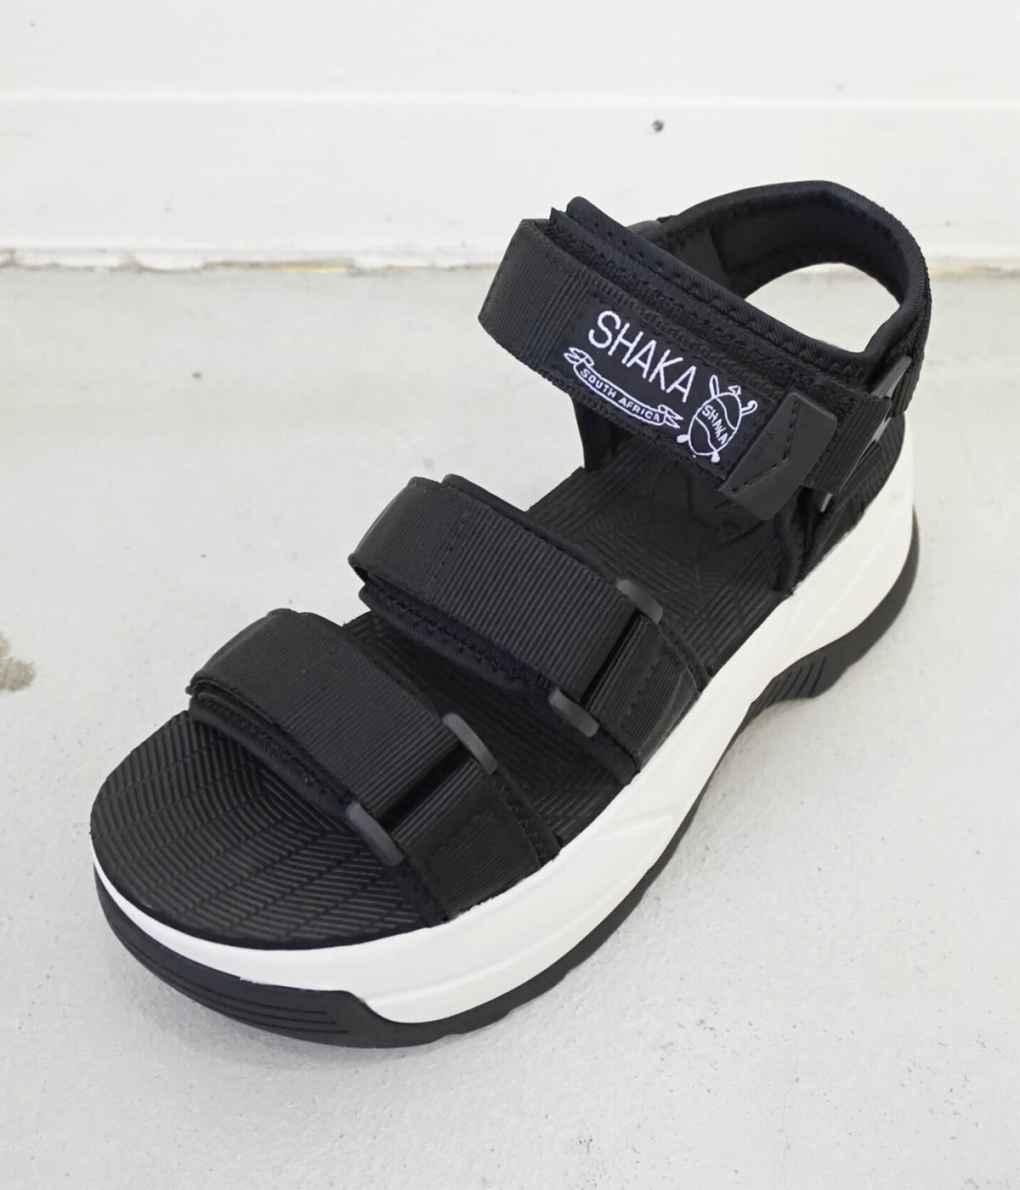 ■【予約商品 2019年5月~6月入荷予定】SHAKA / シャカ : NEO BUNGY CHUNKY : スポサン サンダル シューズ 靴 ネオバンジー チャンキー 厚底 レディース : SK433114 【ANN】